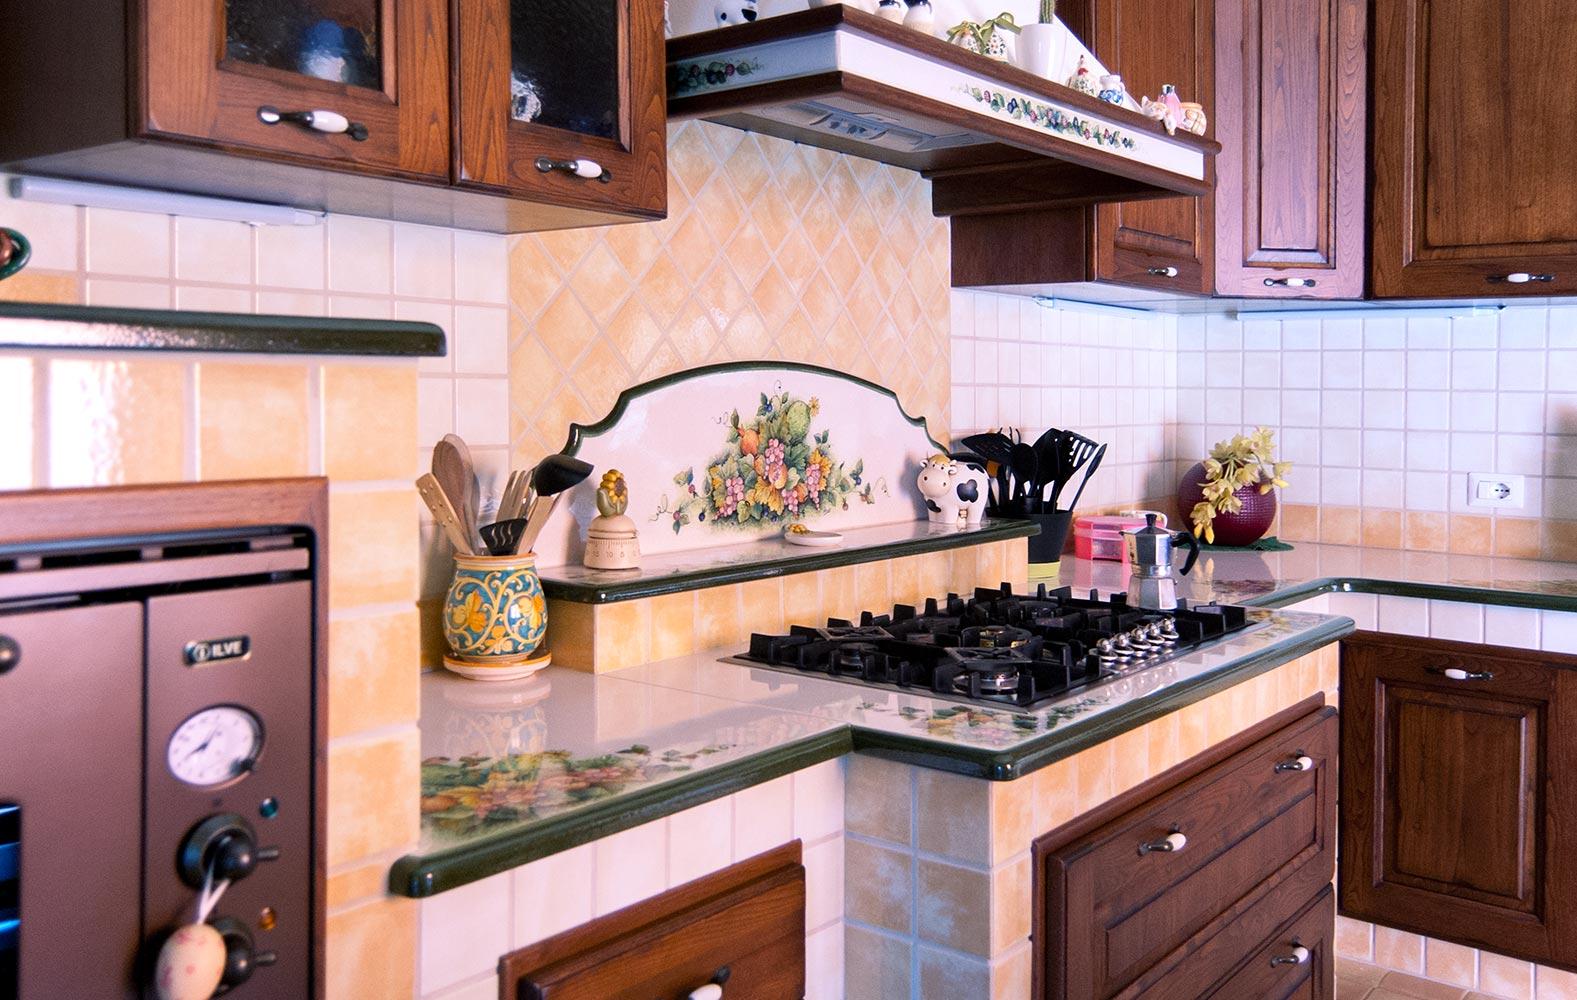 Piano Cottura In Muratura cucine in muratura smontabile modello pescara | artesole